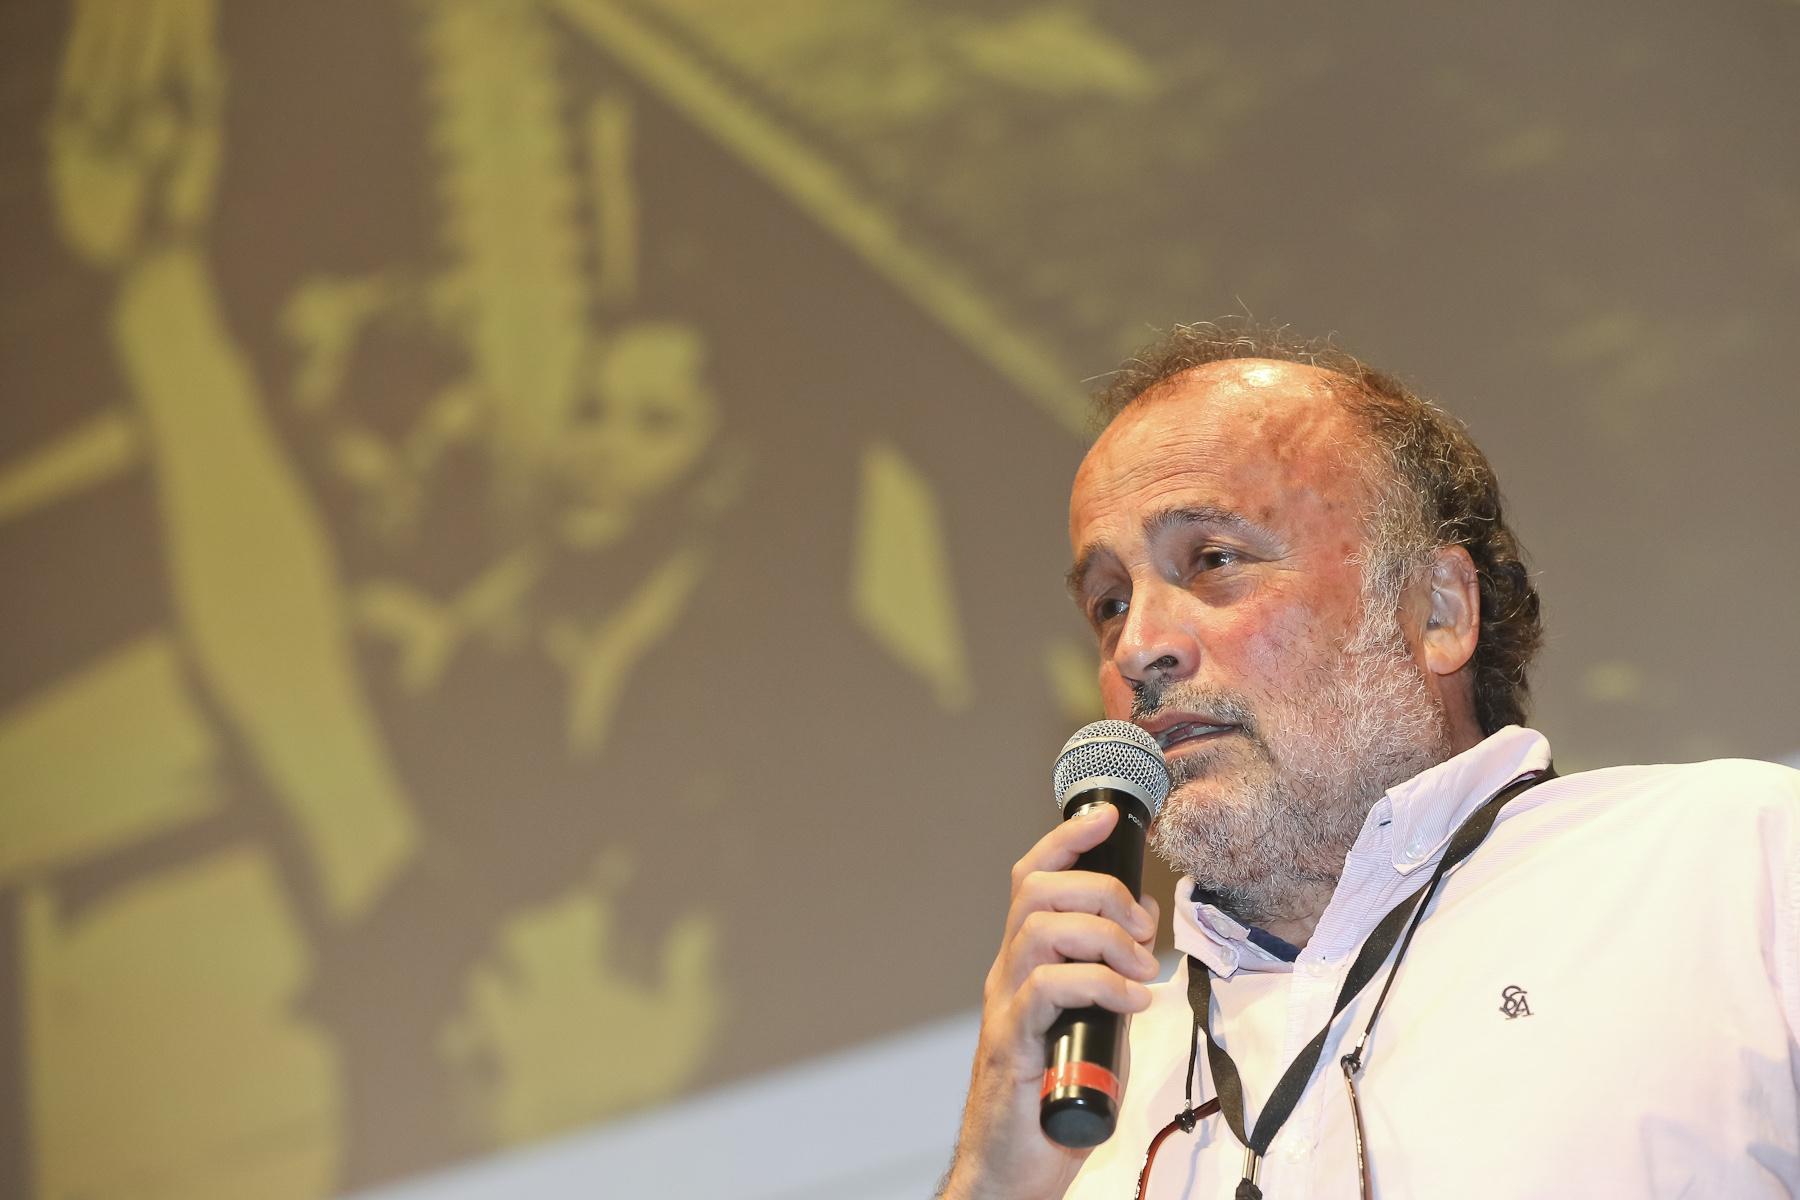 Cineasta Gonzalo Justiniano. FOTO: Thiago Gaspar/Cine Ceará